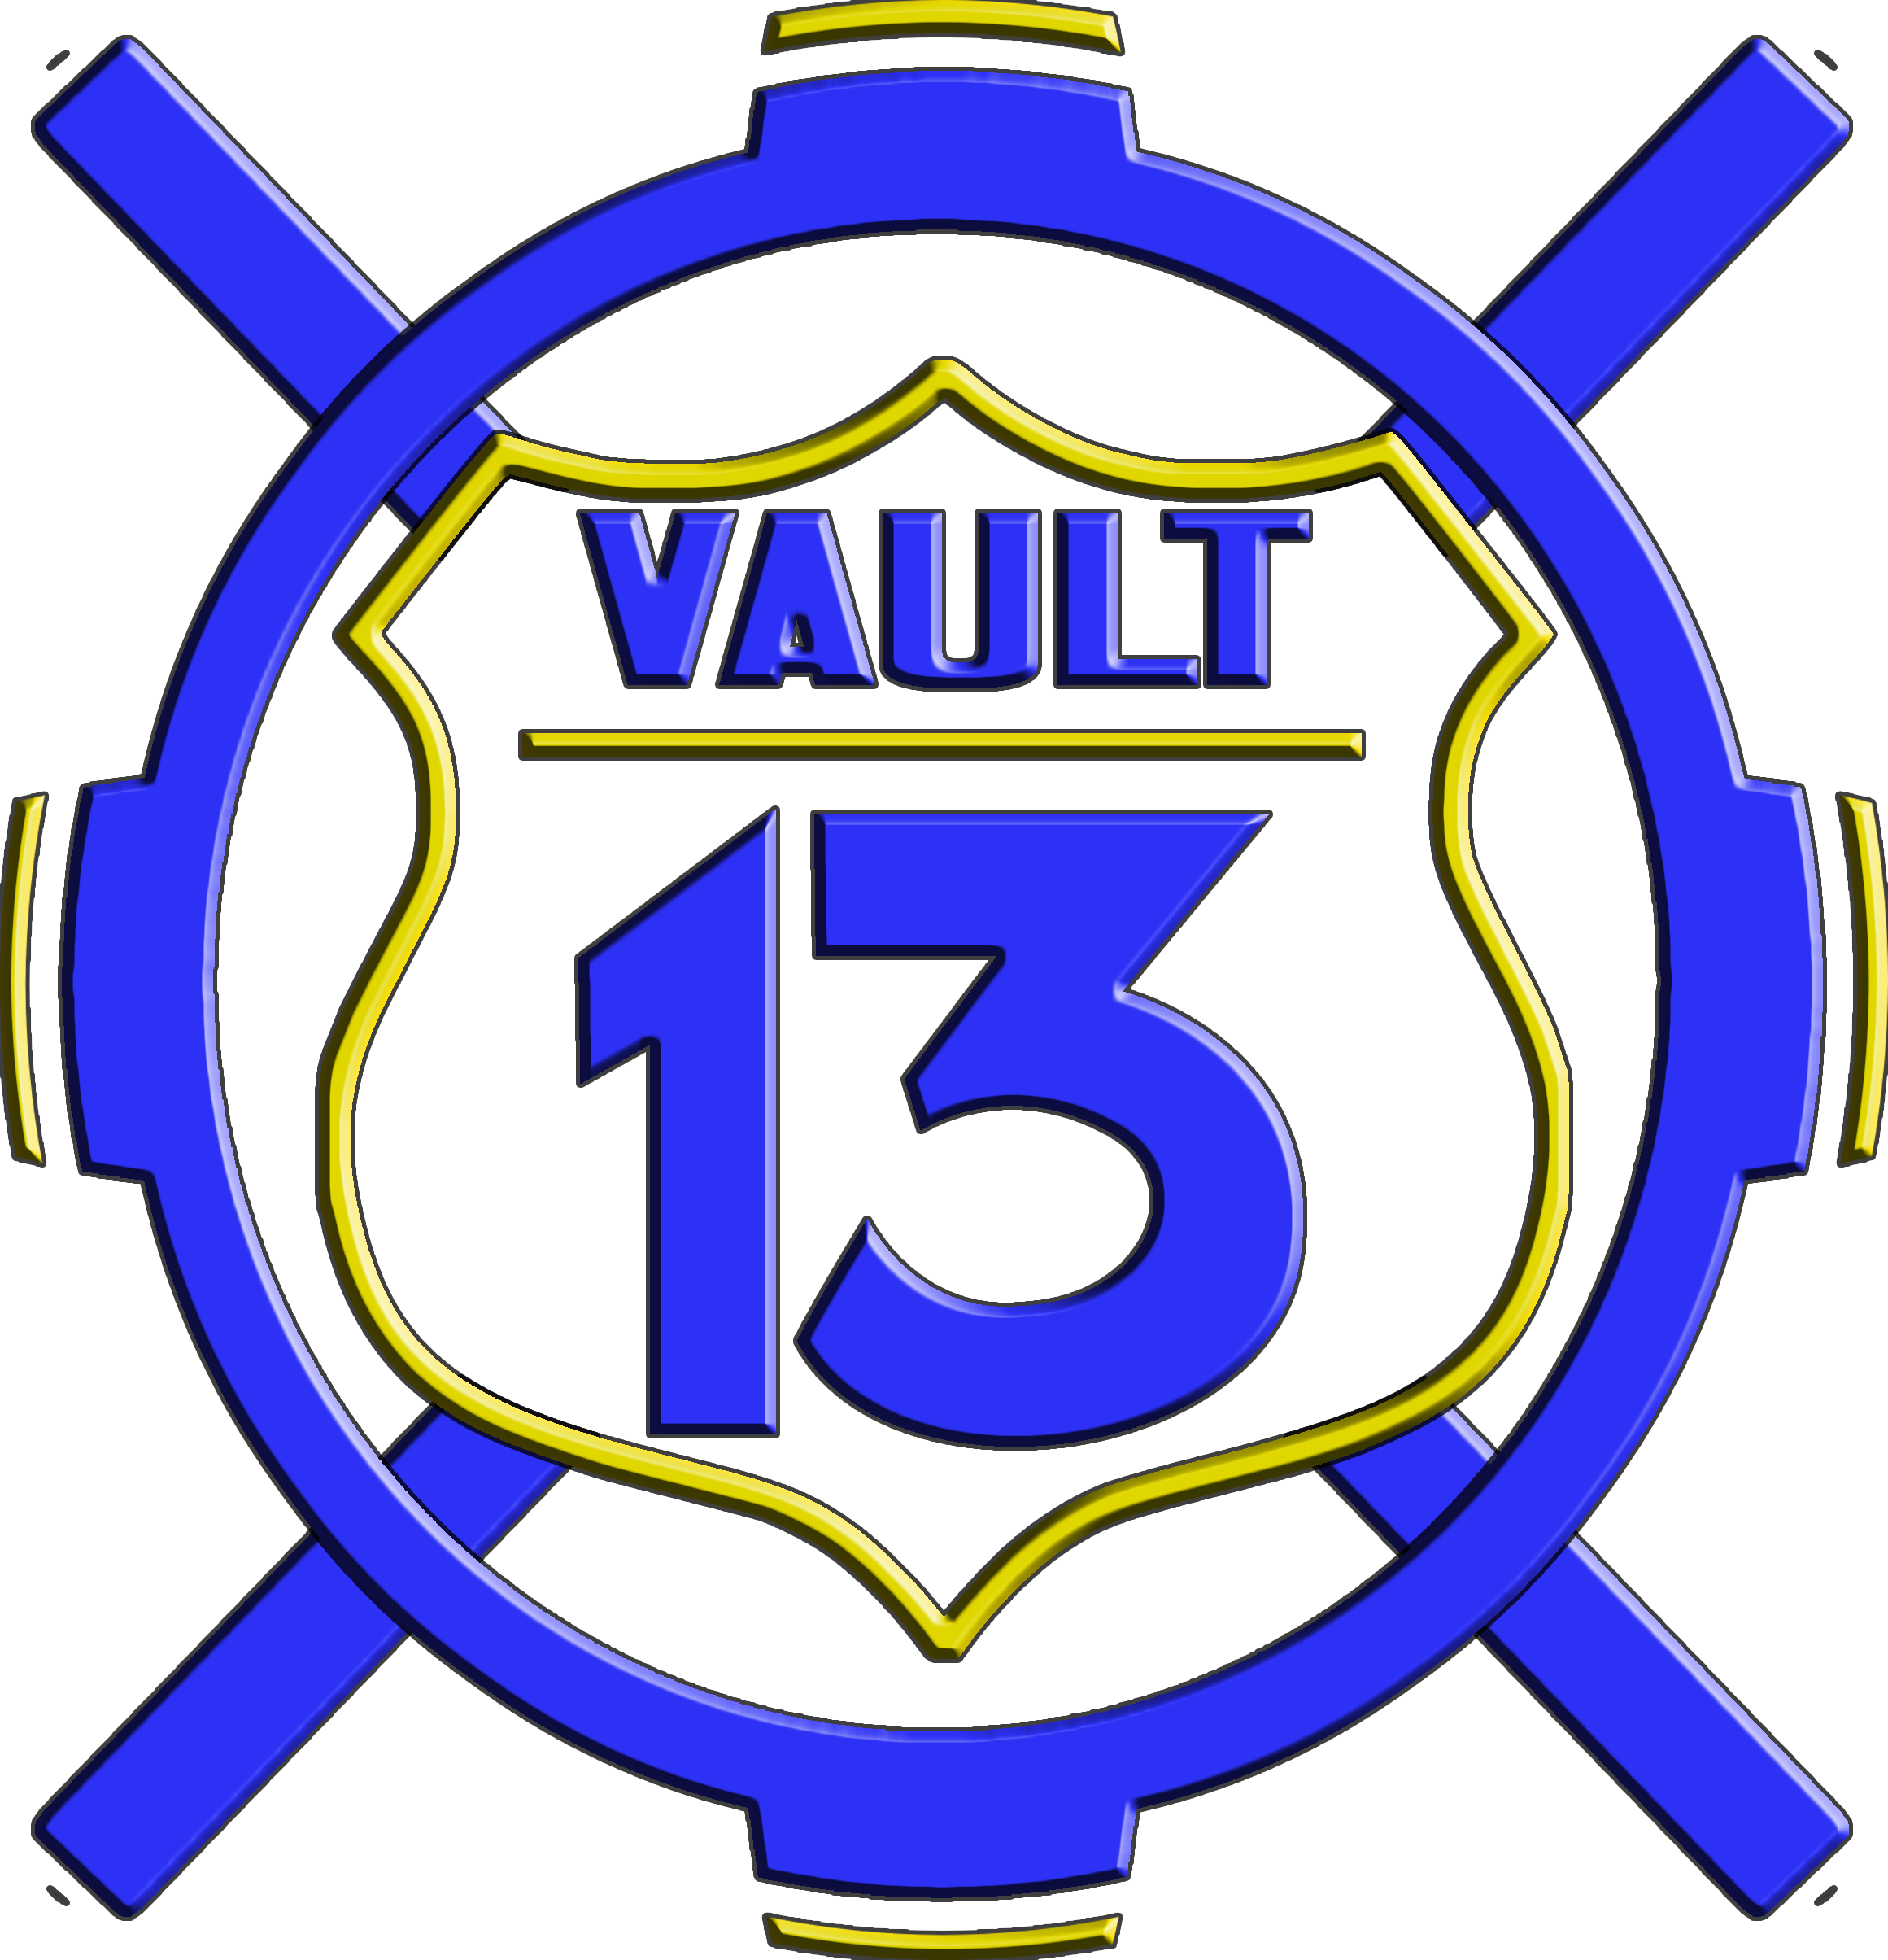 Vault Thirteen